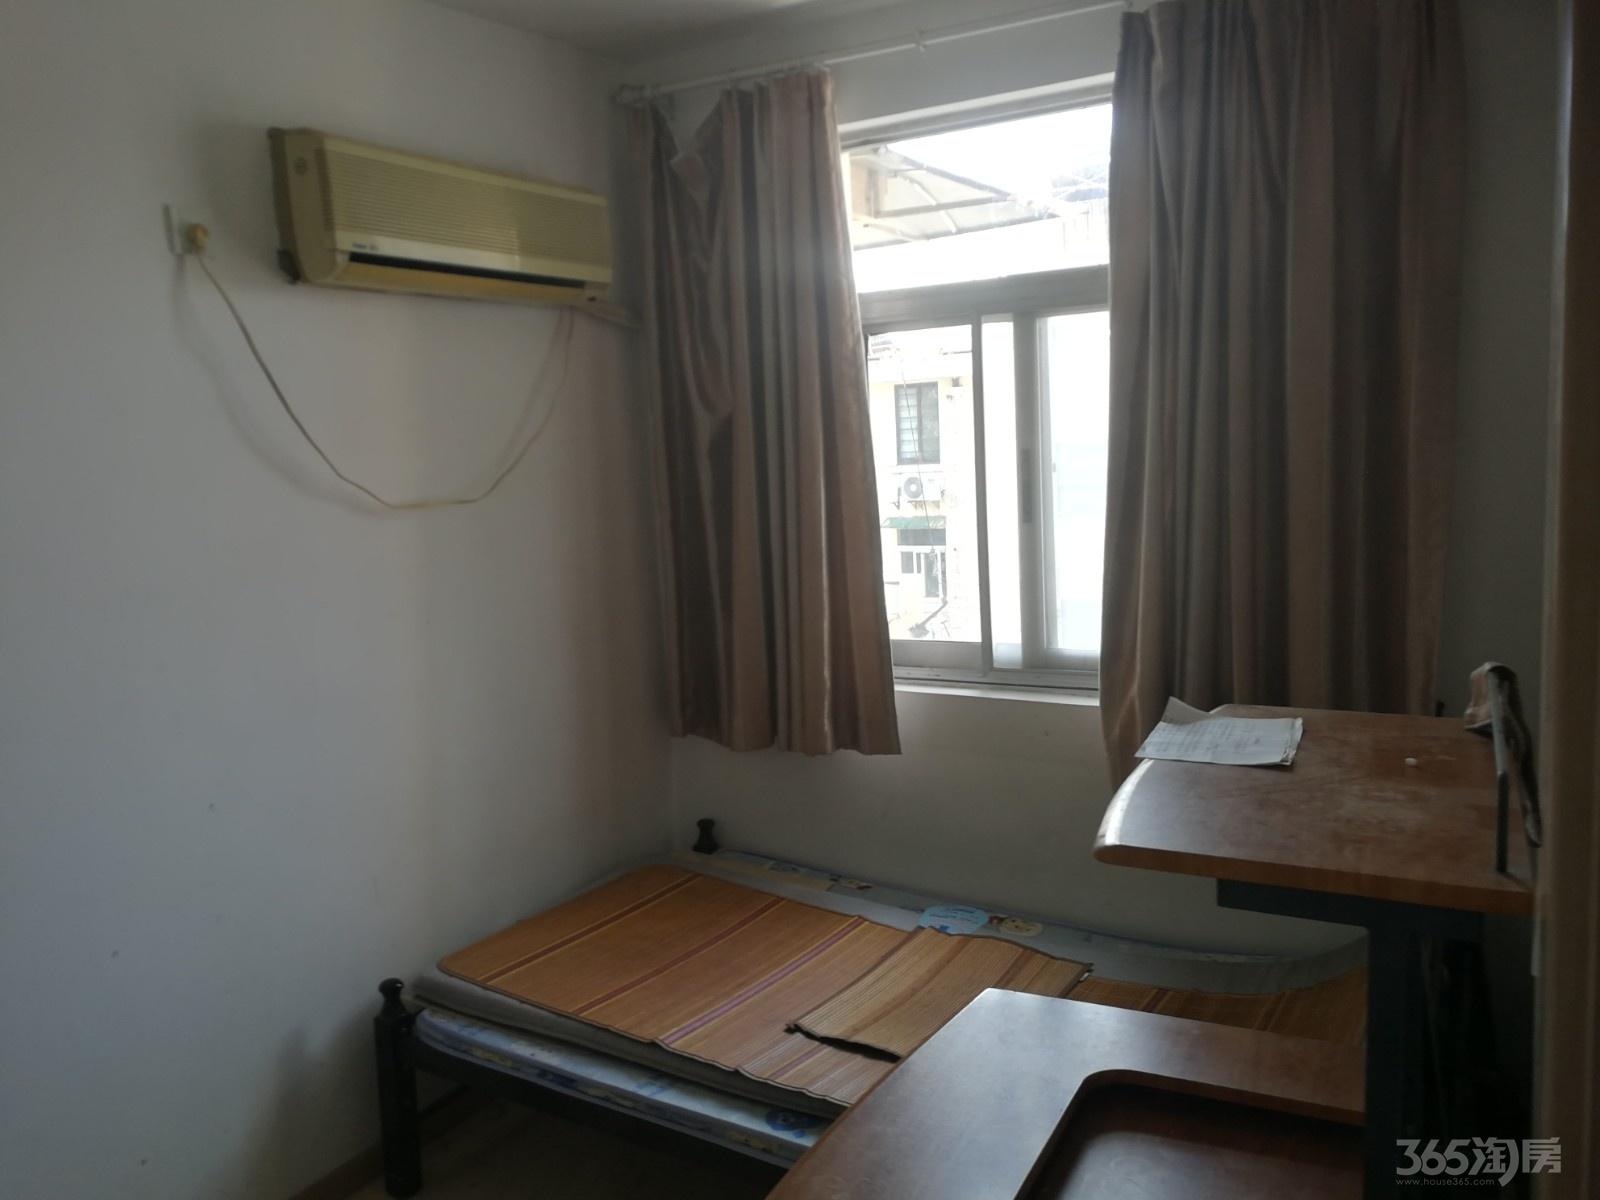 瑞金北村2室1厅1卫57平米精装整租